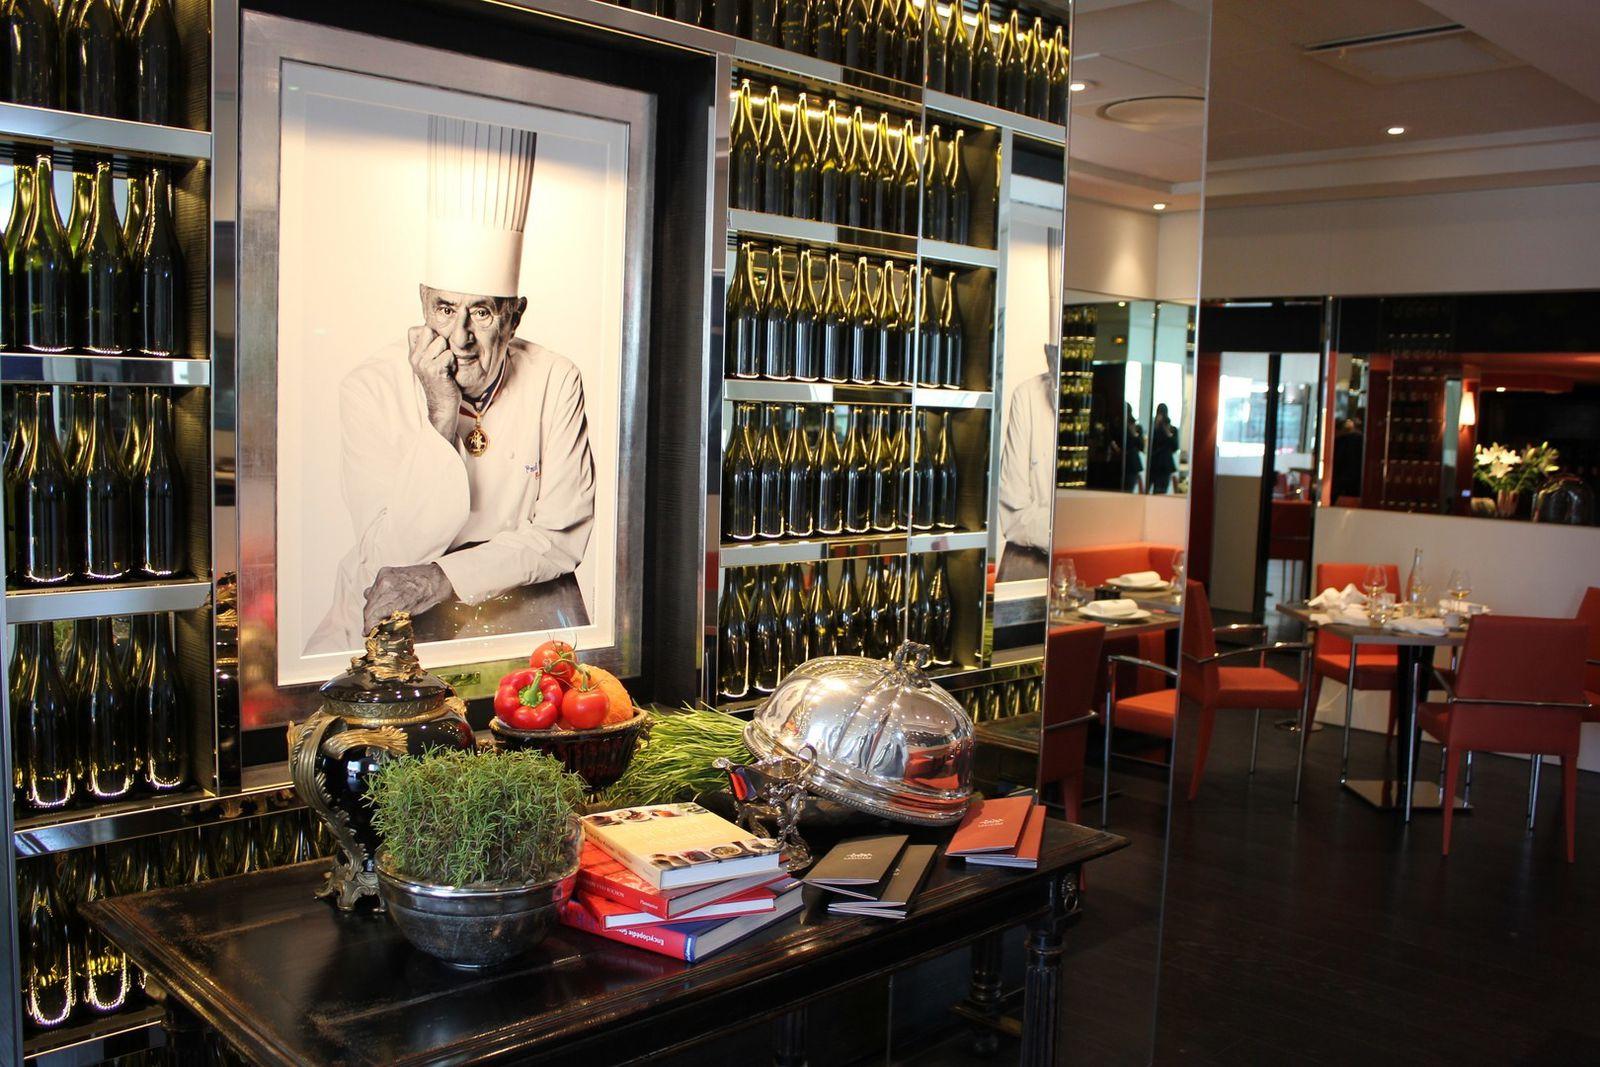 Institut paul bocuse une cole de cuisine au c ur de lyon c t loisirs news - Cours de cuisine lyon bocuse ...